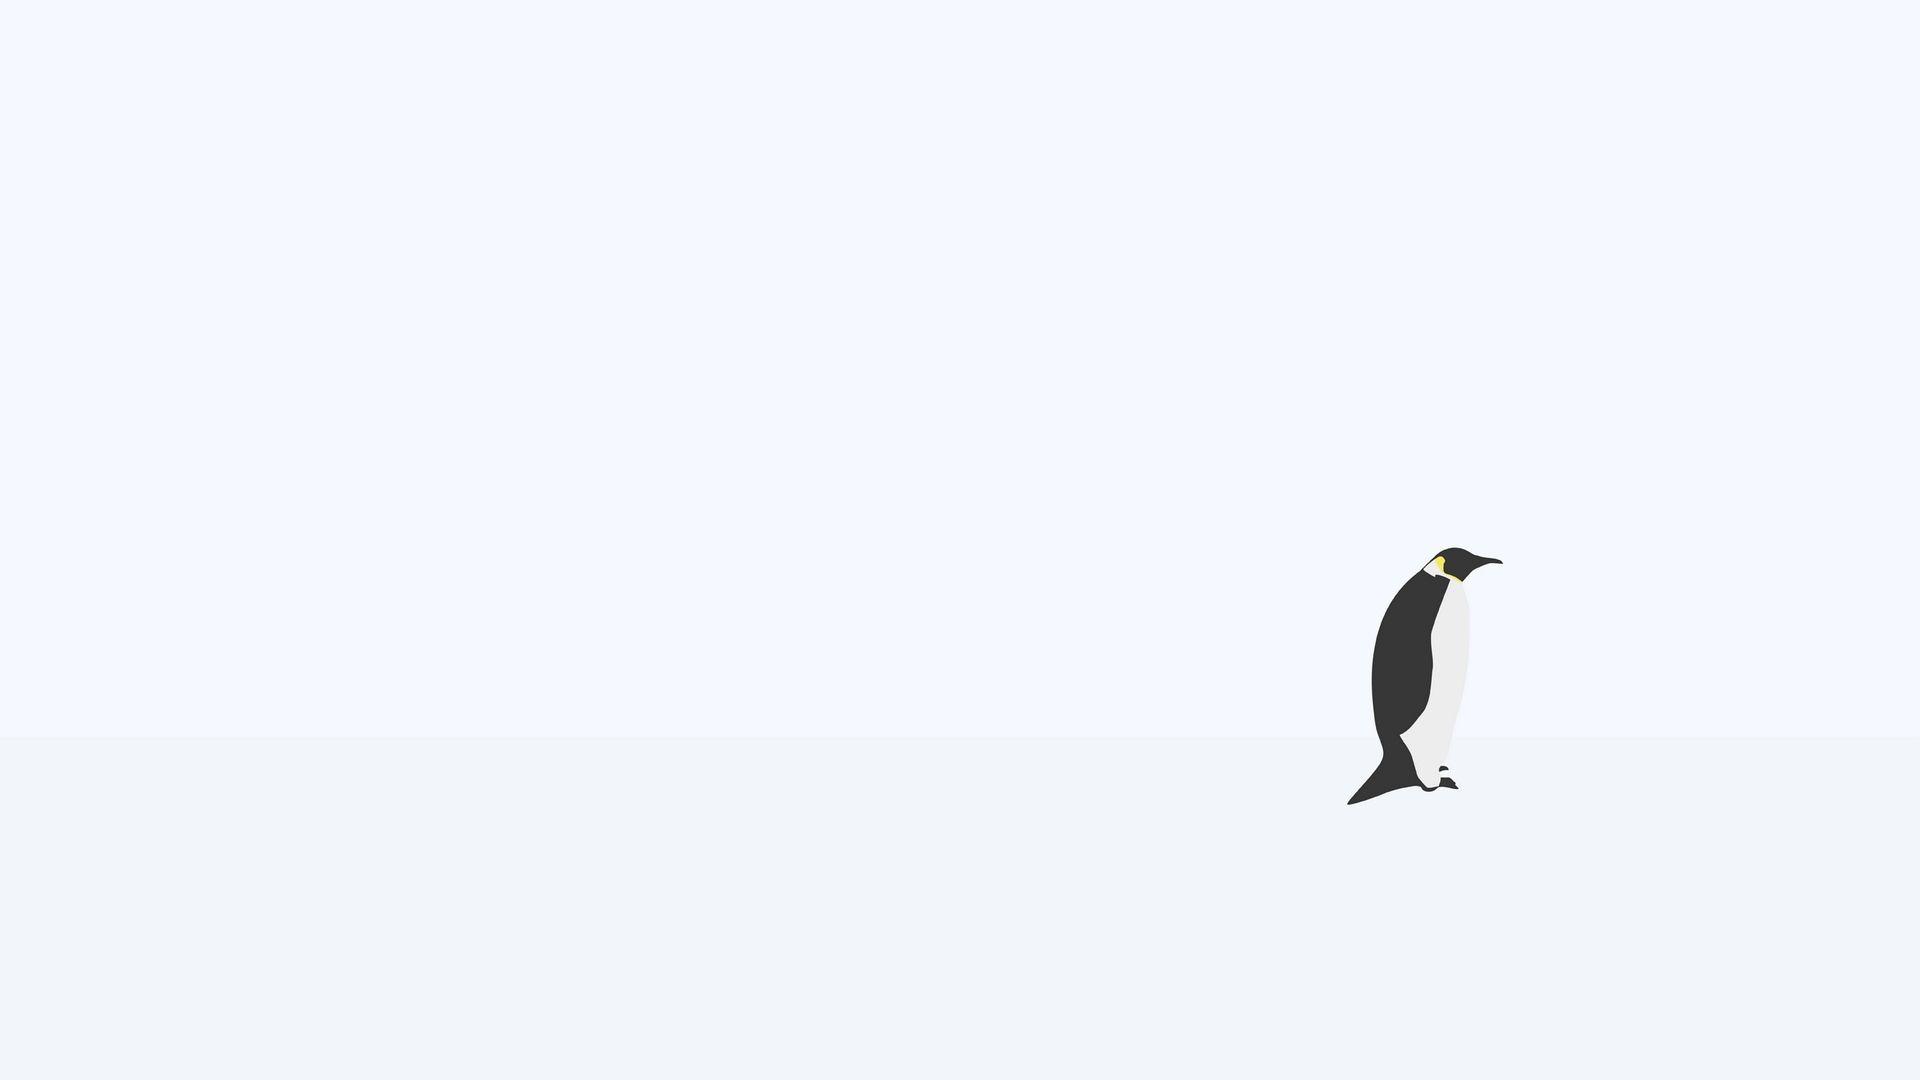 42 Minimalist Penguin Wallpaper On Wallpapersafari